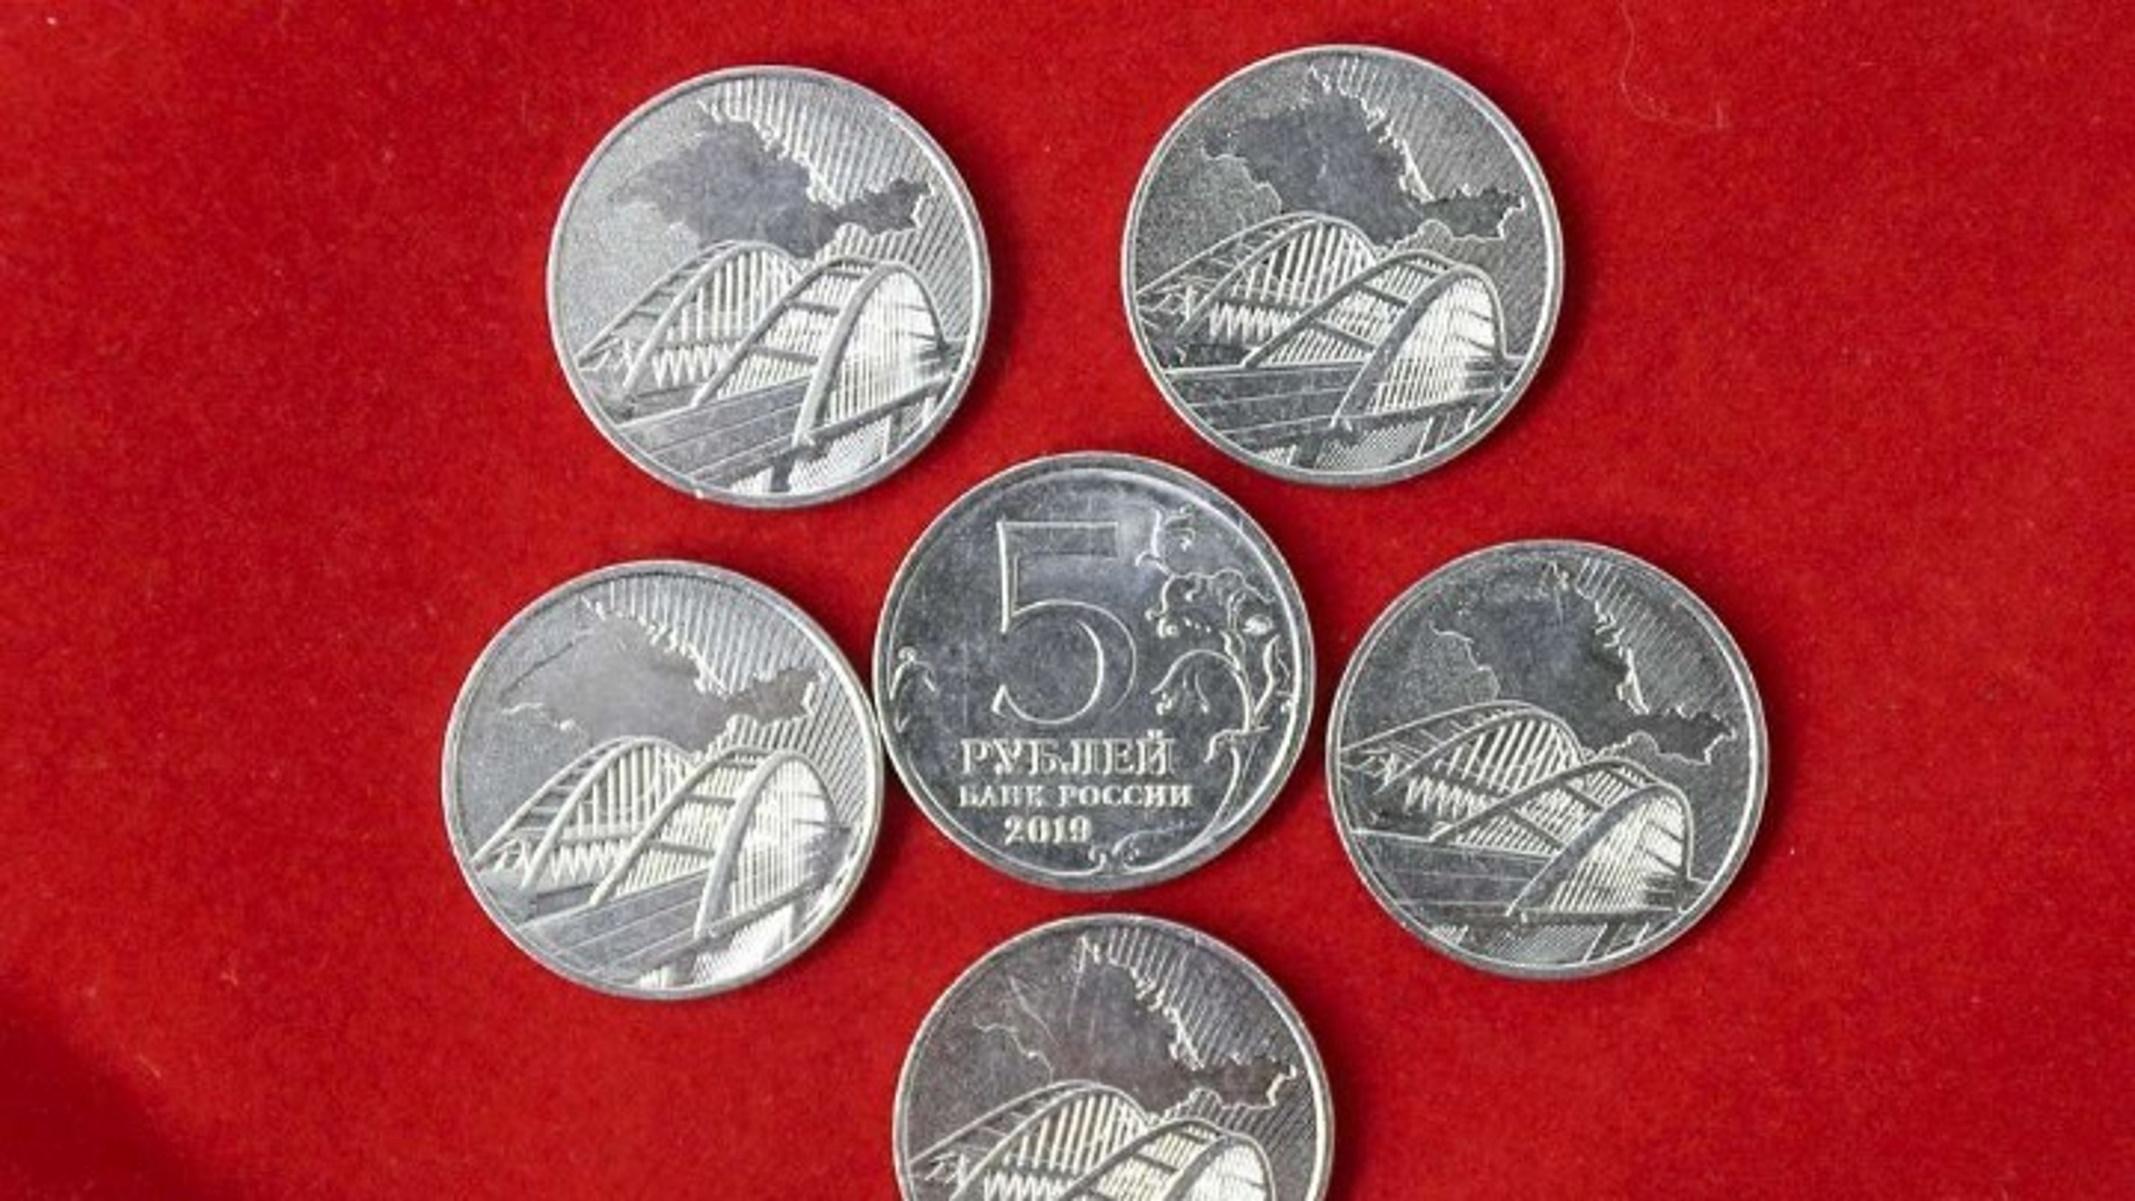 Νομισματοπώλης προσπάθησε να αγοράσει σχεδόν «τσάμπα» σπάνιο χρυσό νόμισμα αξίας 210.000 ευρώ